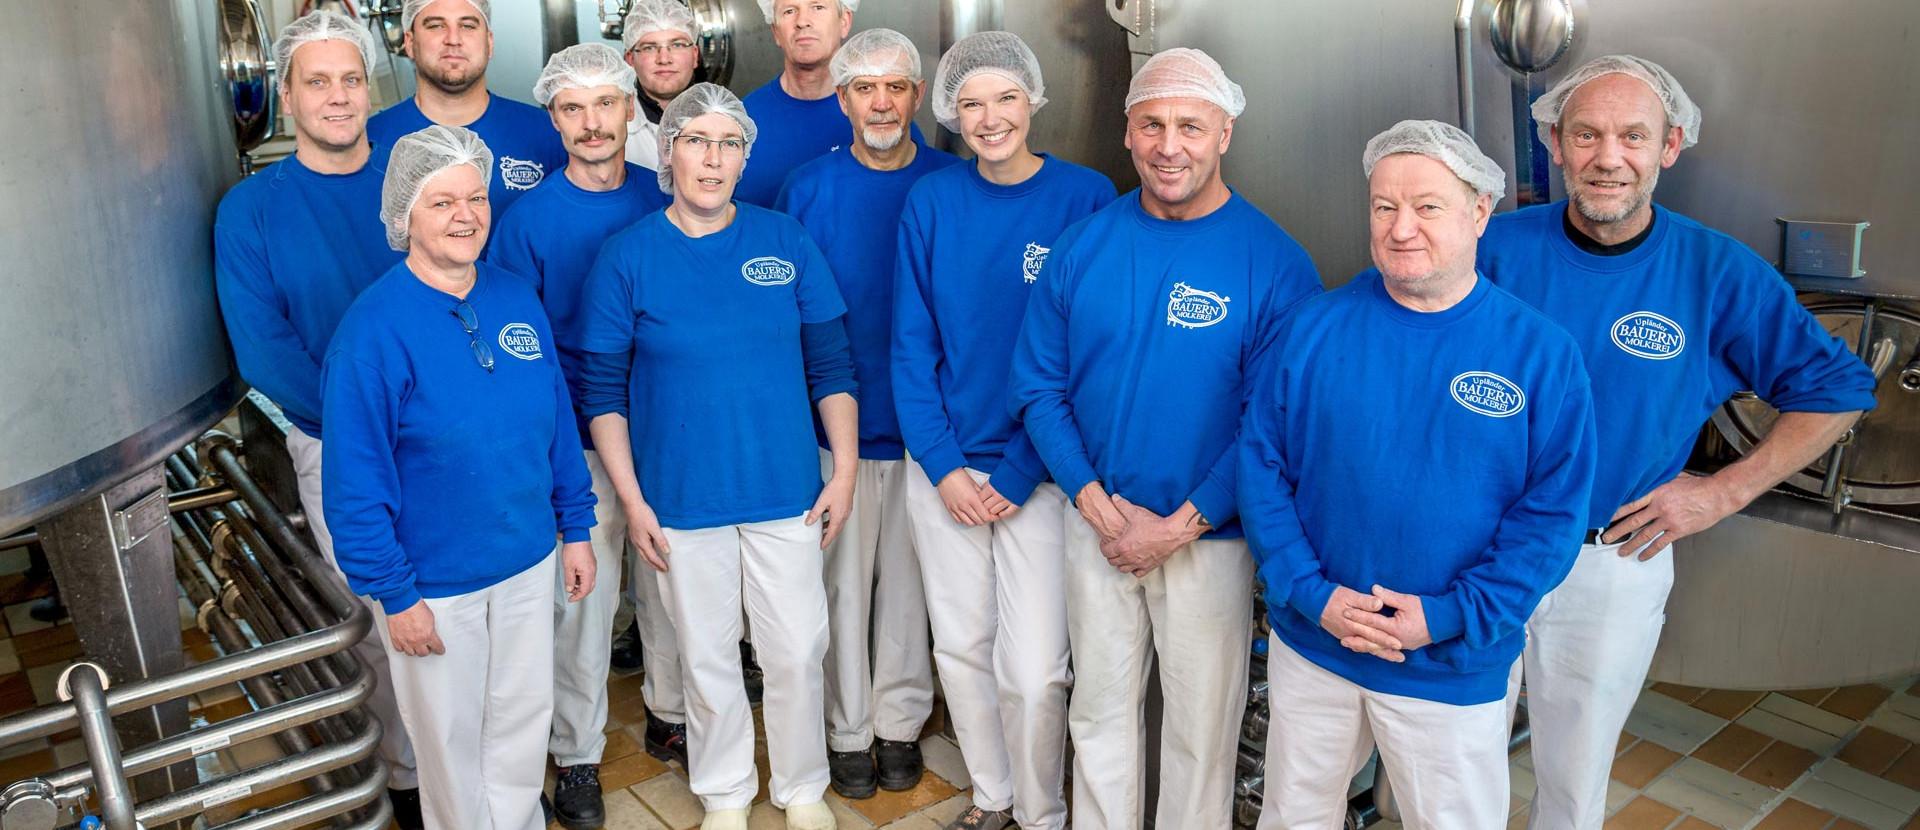 Belegschaft der Bauernmolkerei GmbH